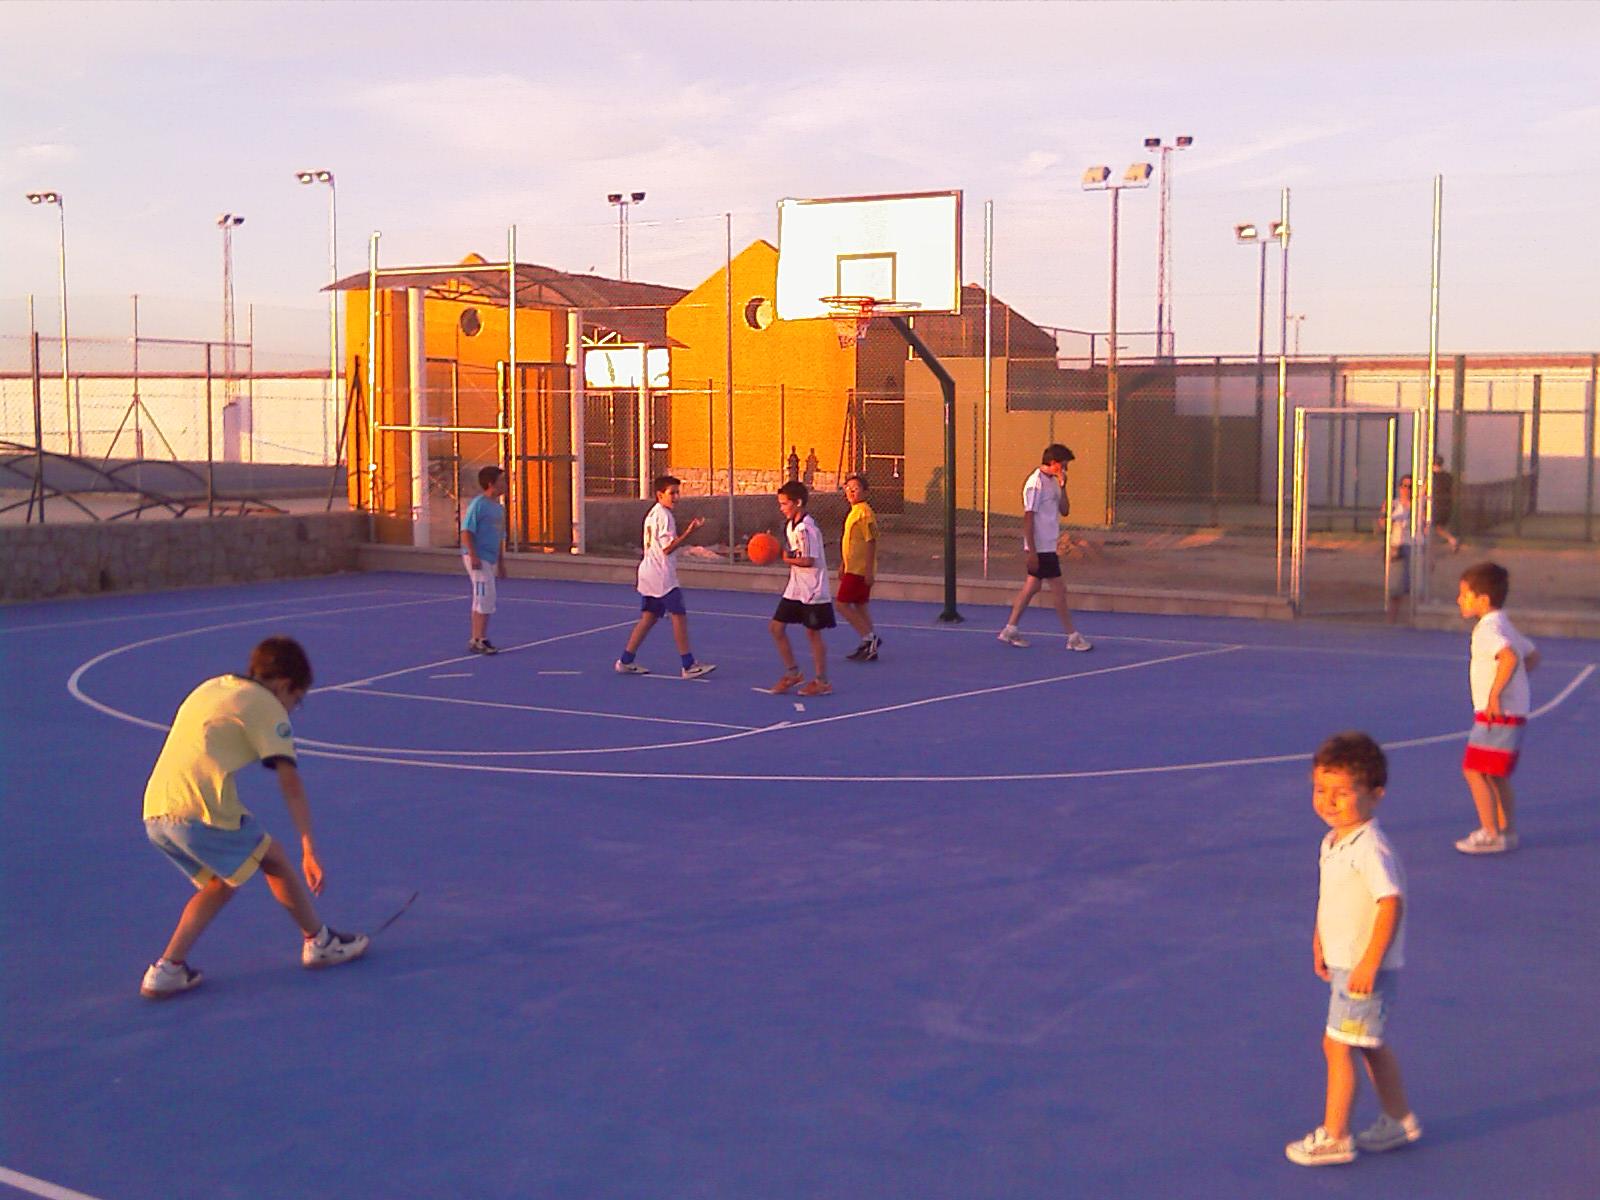 La pista municipal de baloncesto